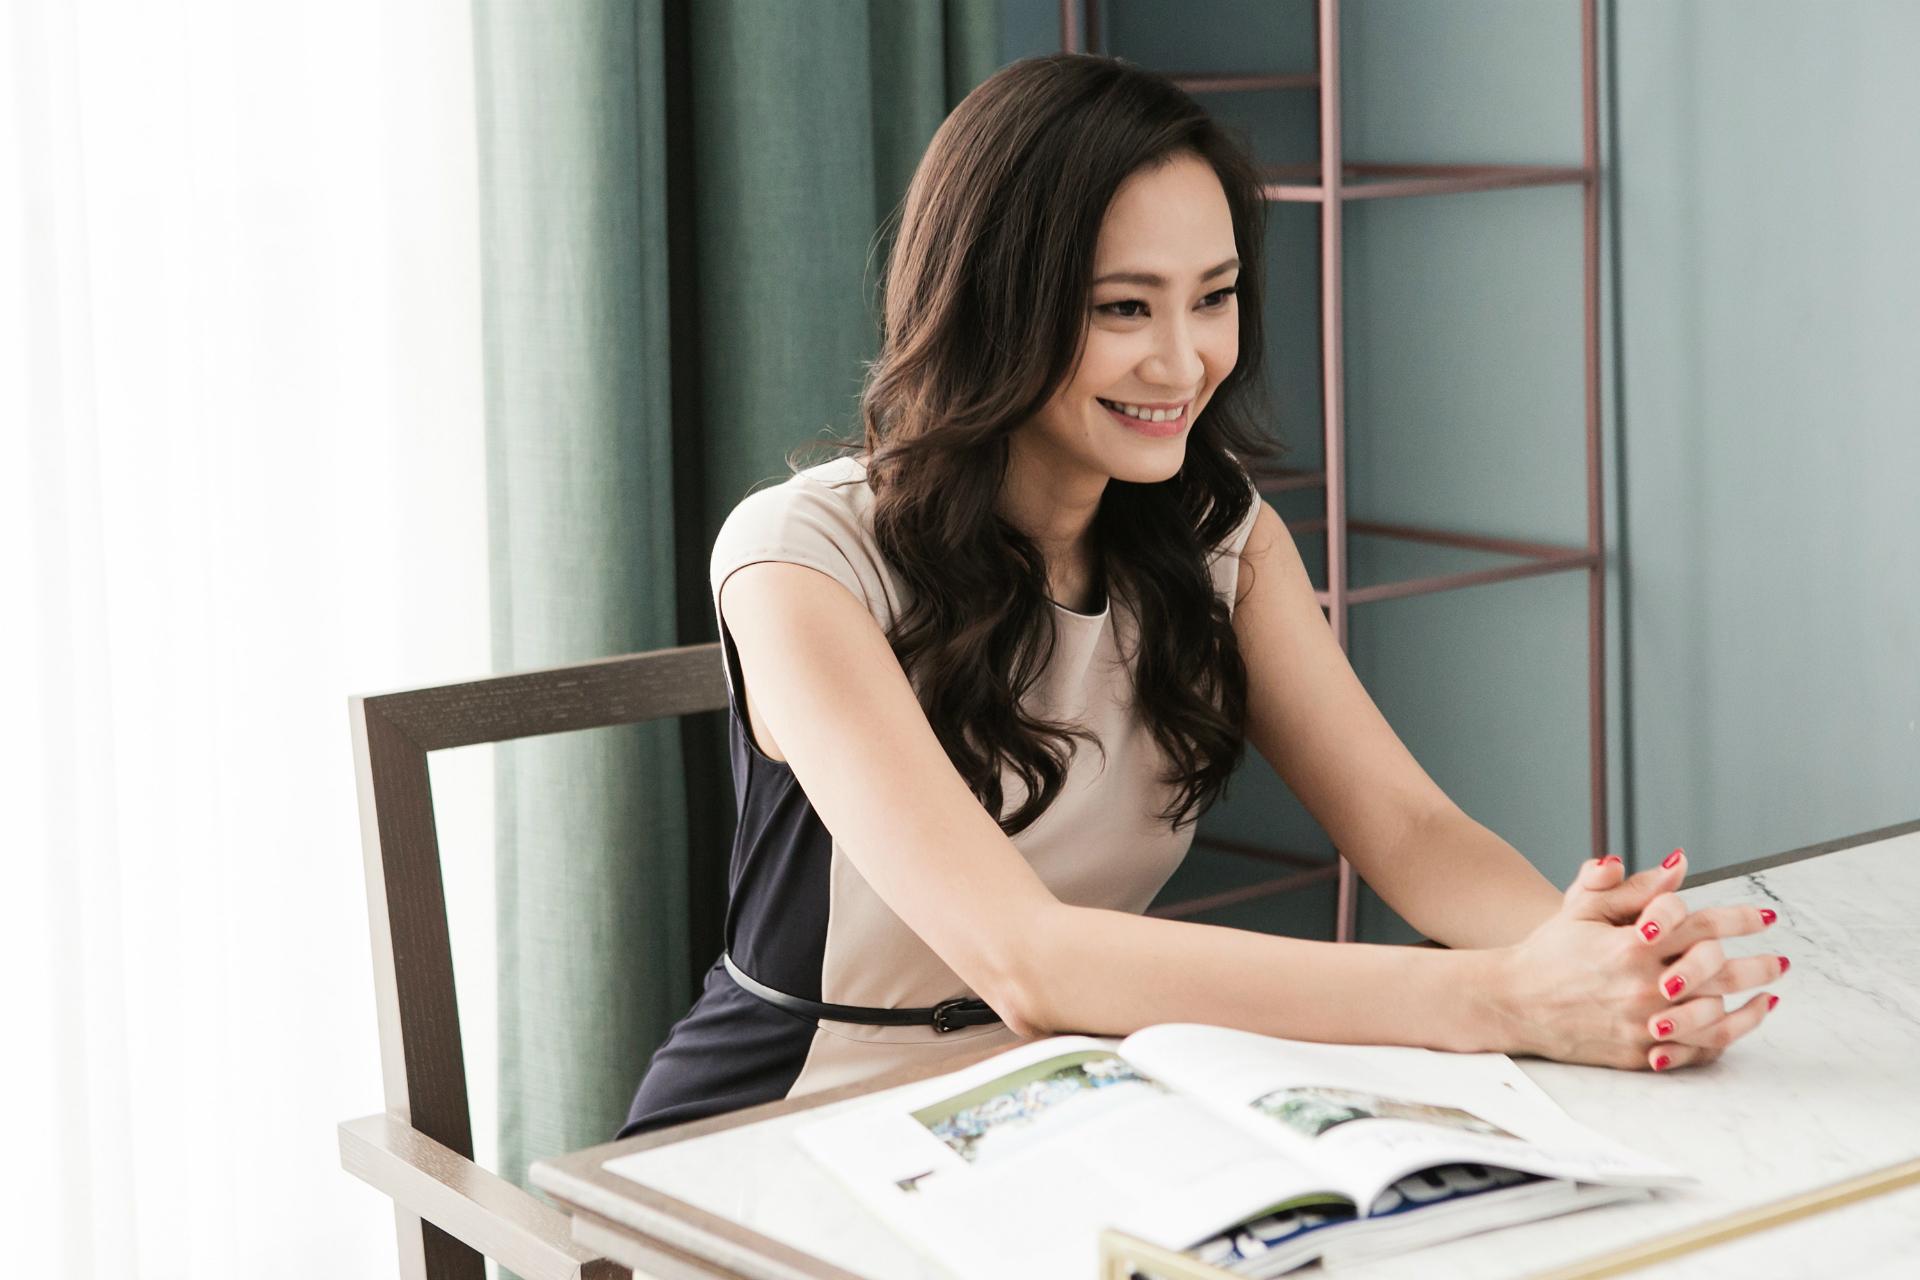 飯店業要的不是典型的人才,你和她一樣敢創新嗎? – 新竹豐邑喜來登飯店執行長 Cecily Liu